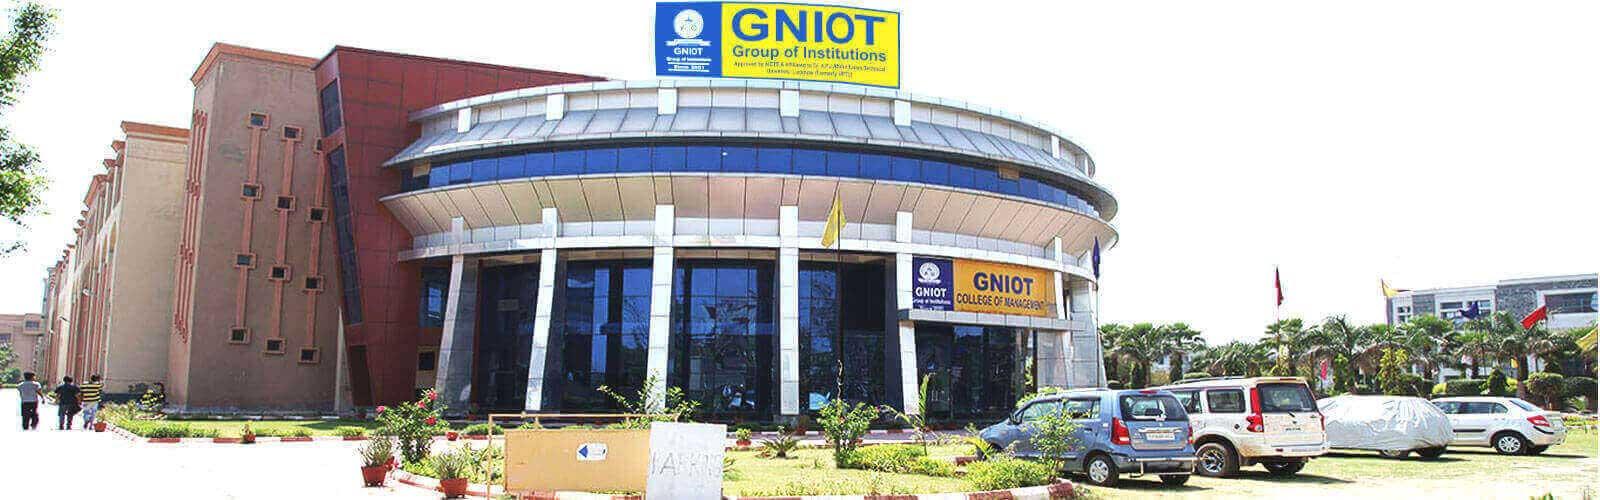 GNIOT University